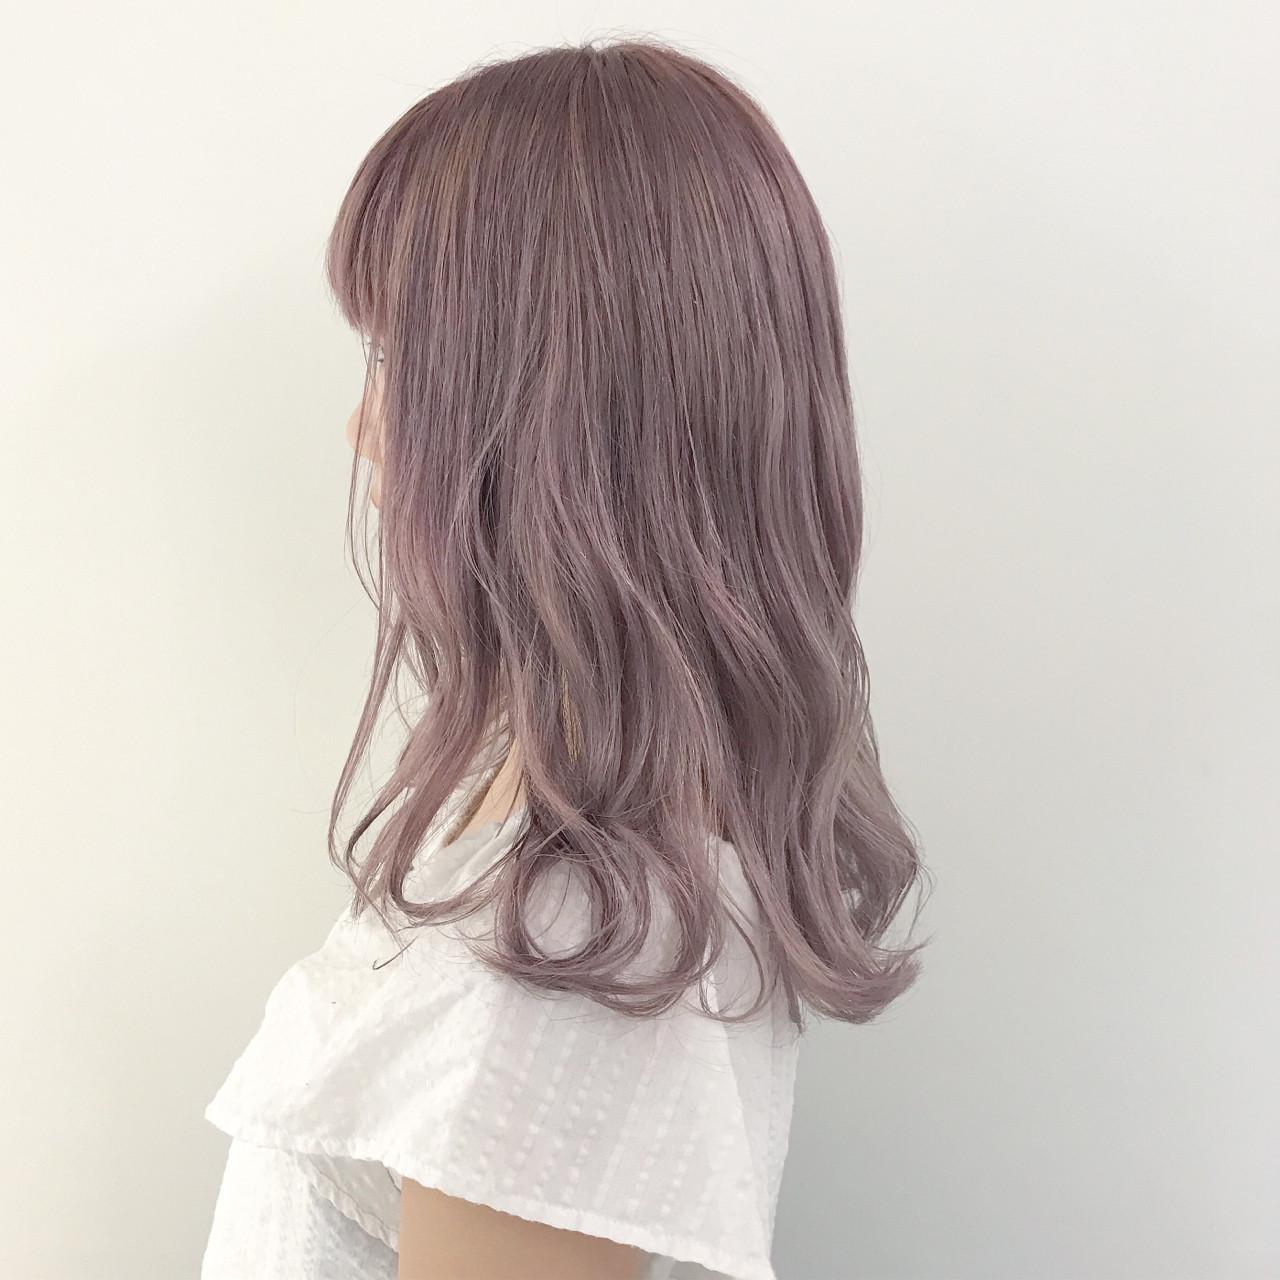 【保存版】魅せるナチュラルヘア…♡挑戦カラーで脱マンネリヘア!の5枚目の画像